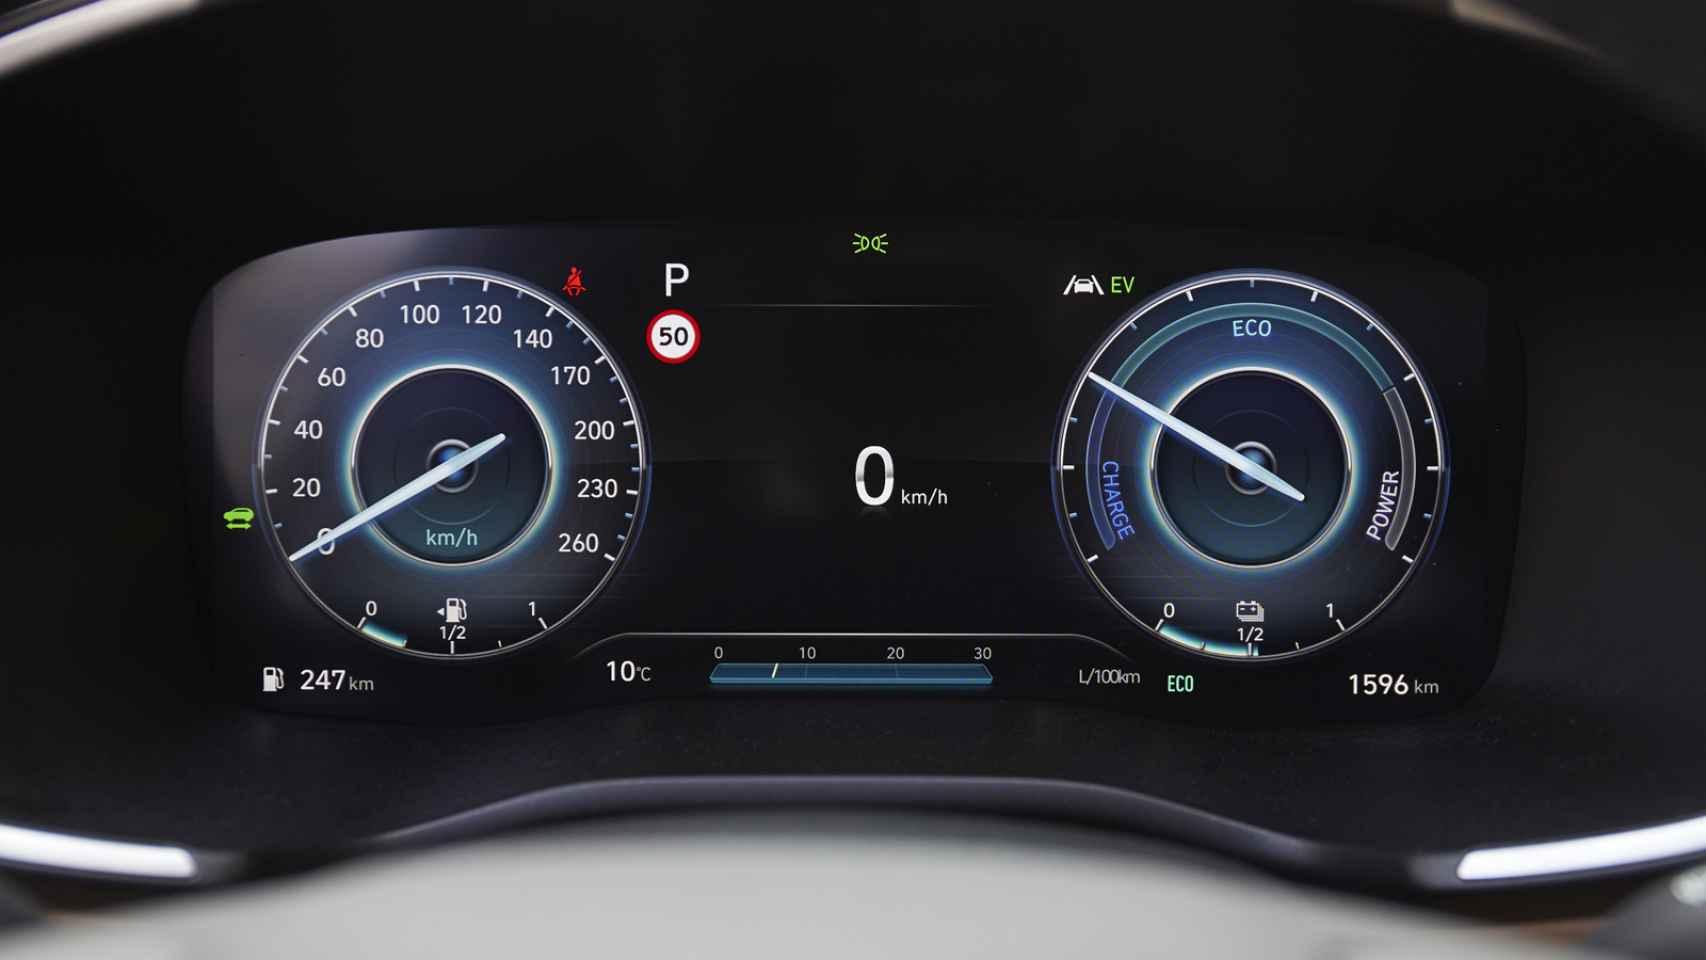 Galería de fotos del nuevo Hyundai Santa Fe, un SUV grande de siete plazas y con motores híbridos